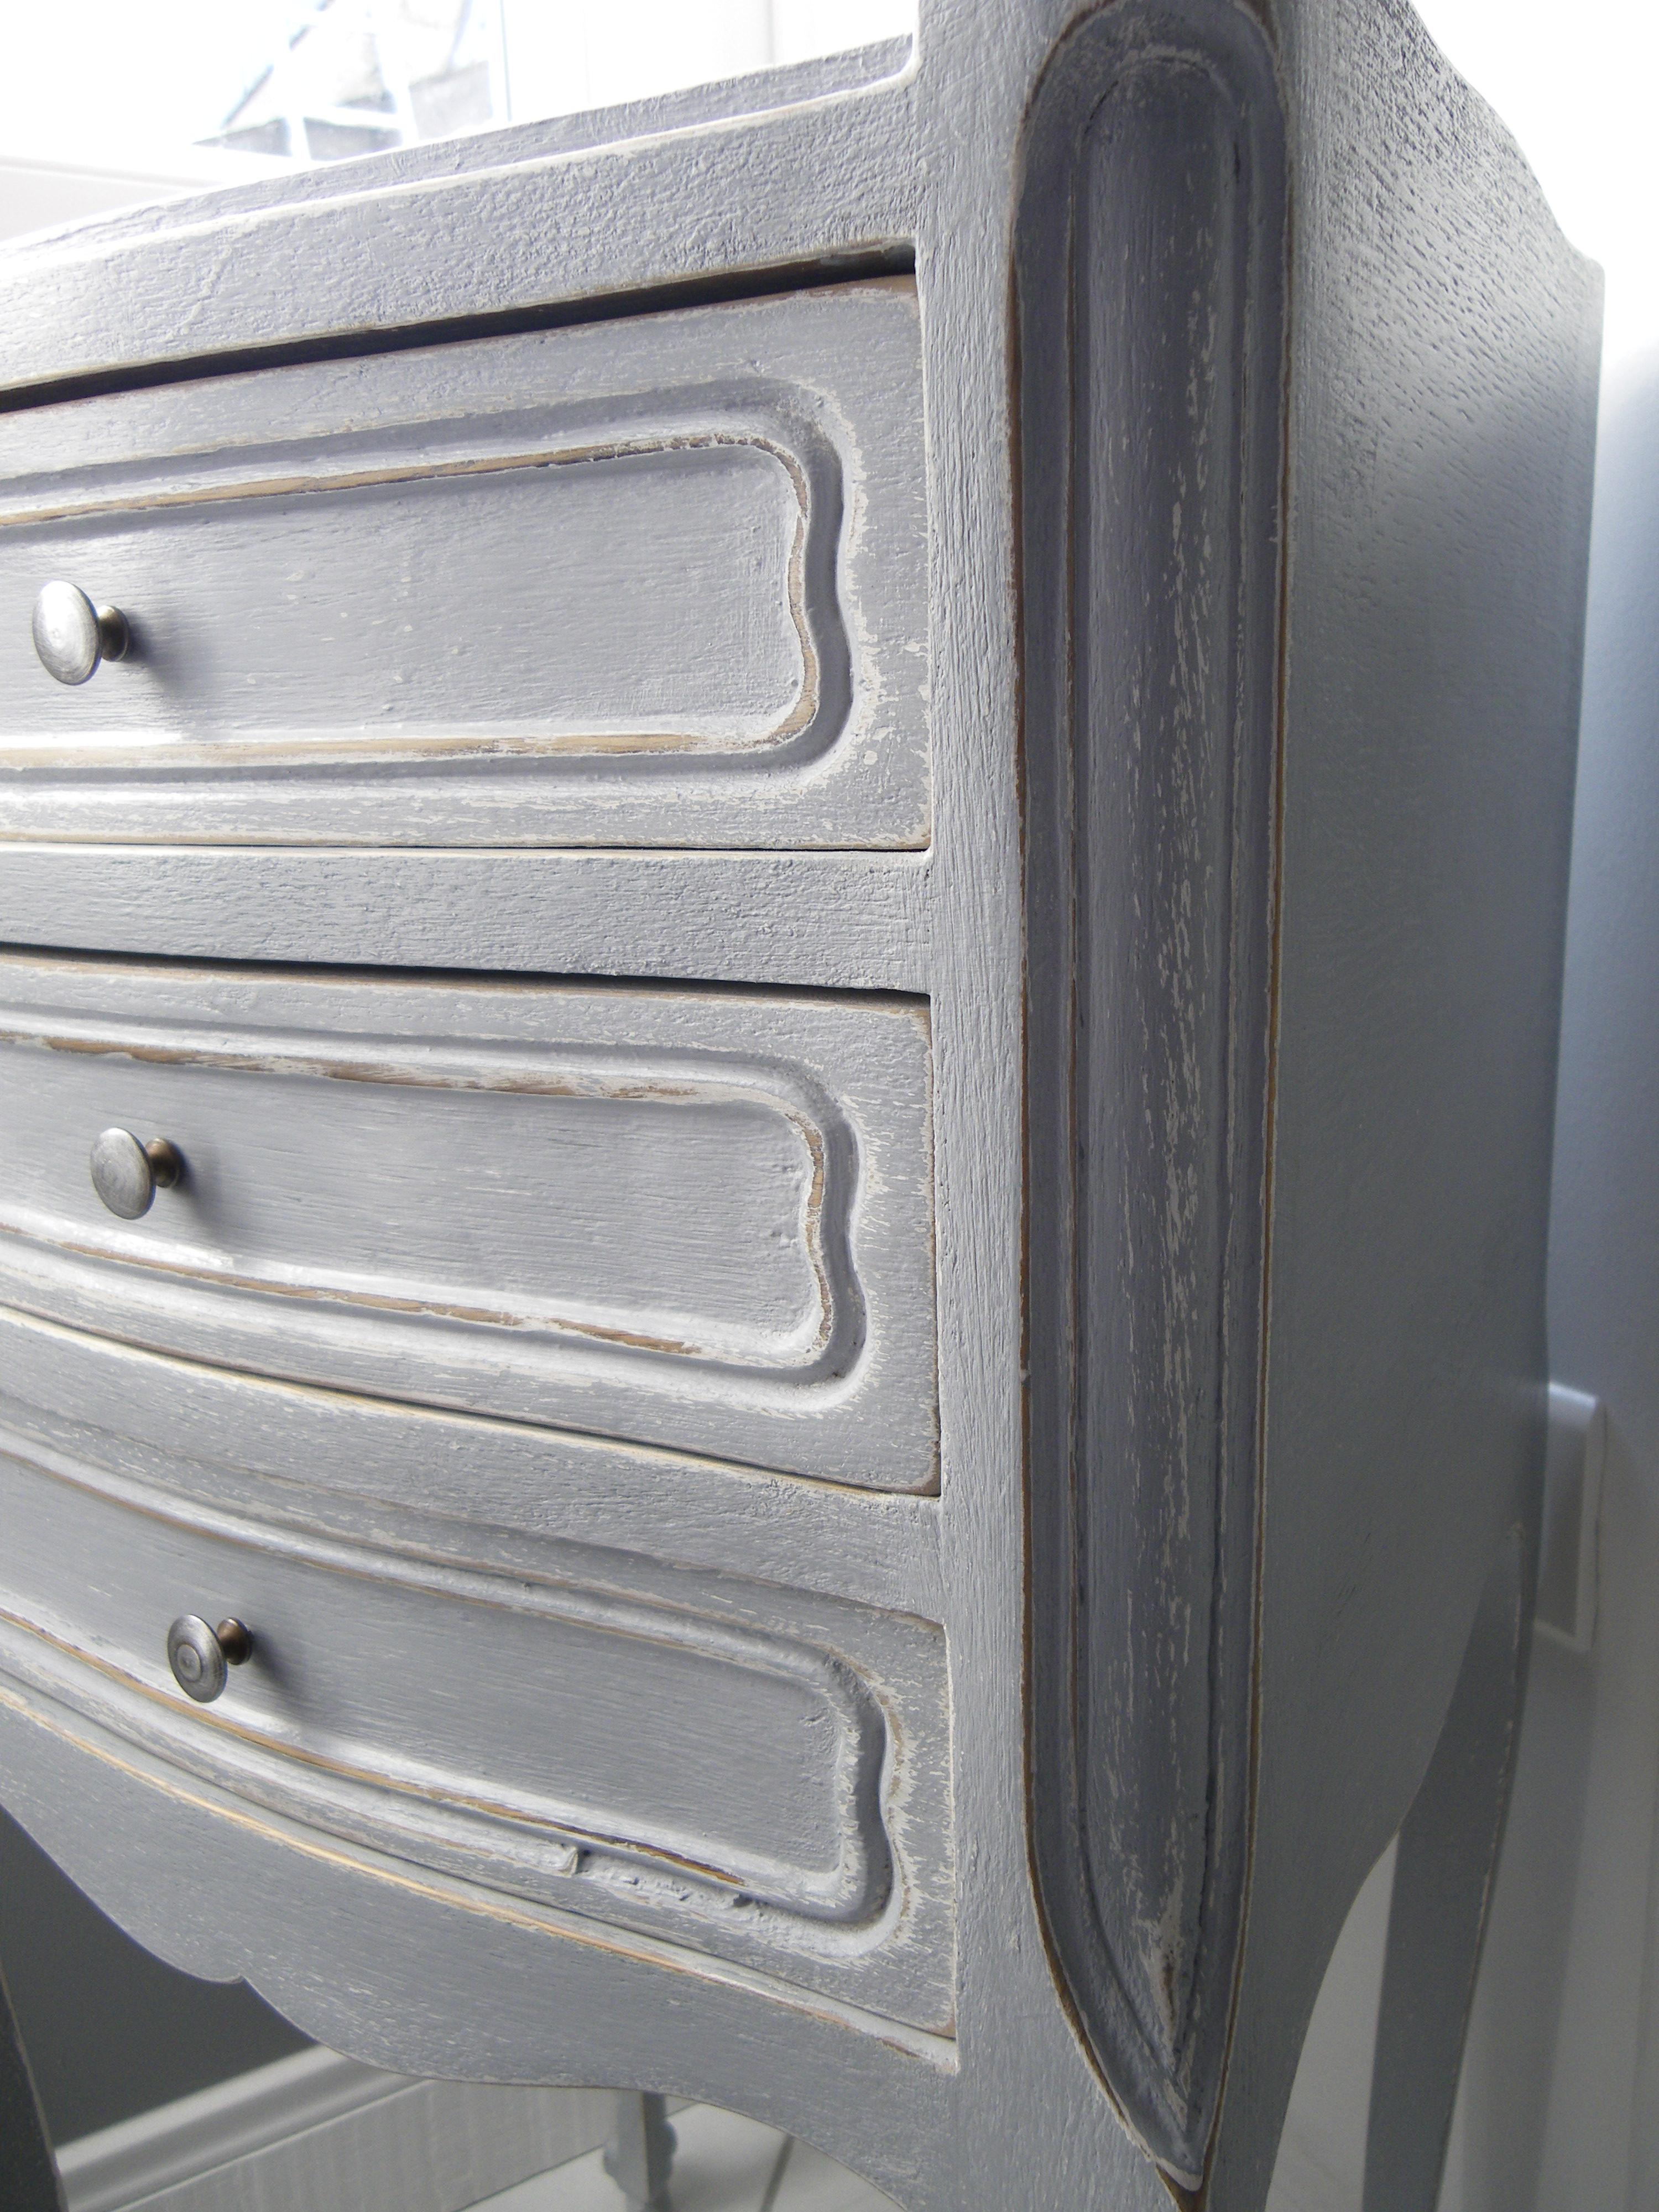 Meuble patin meuble patine tendance peinture et patine quotes - Meuble et tendance ...